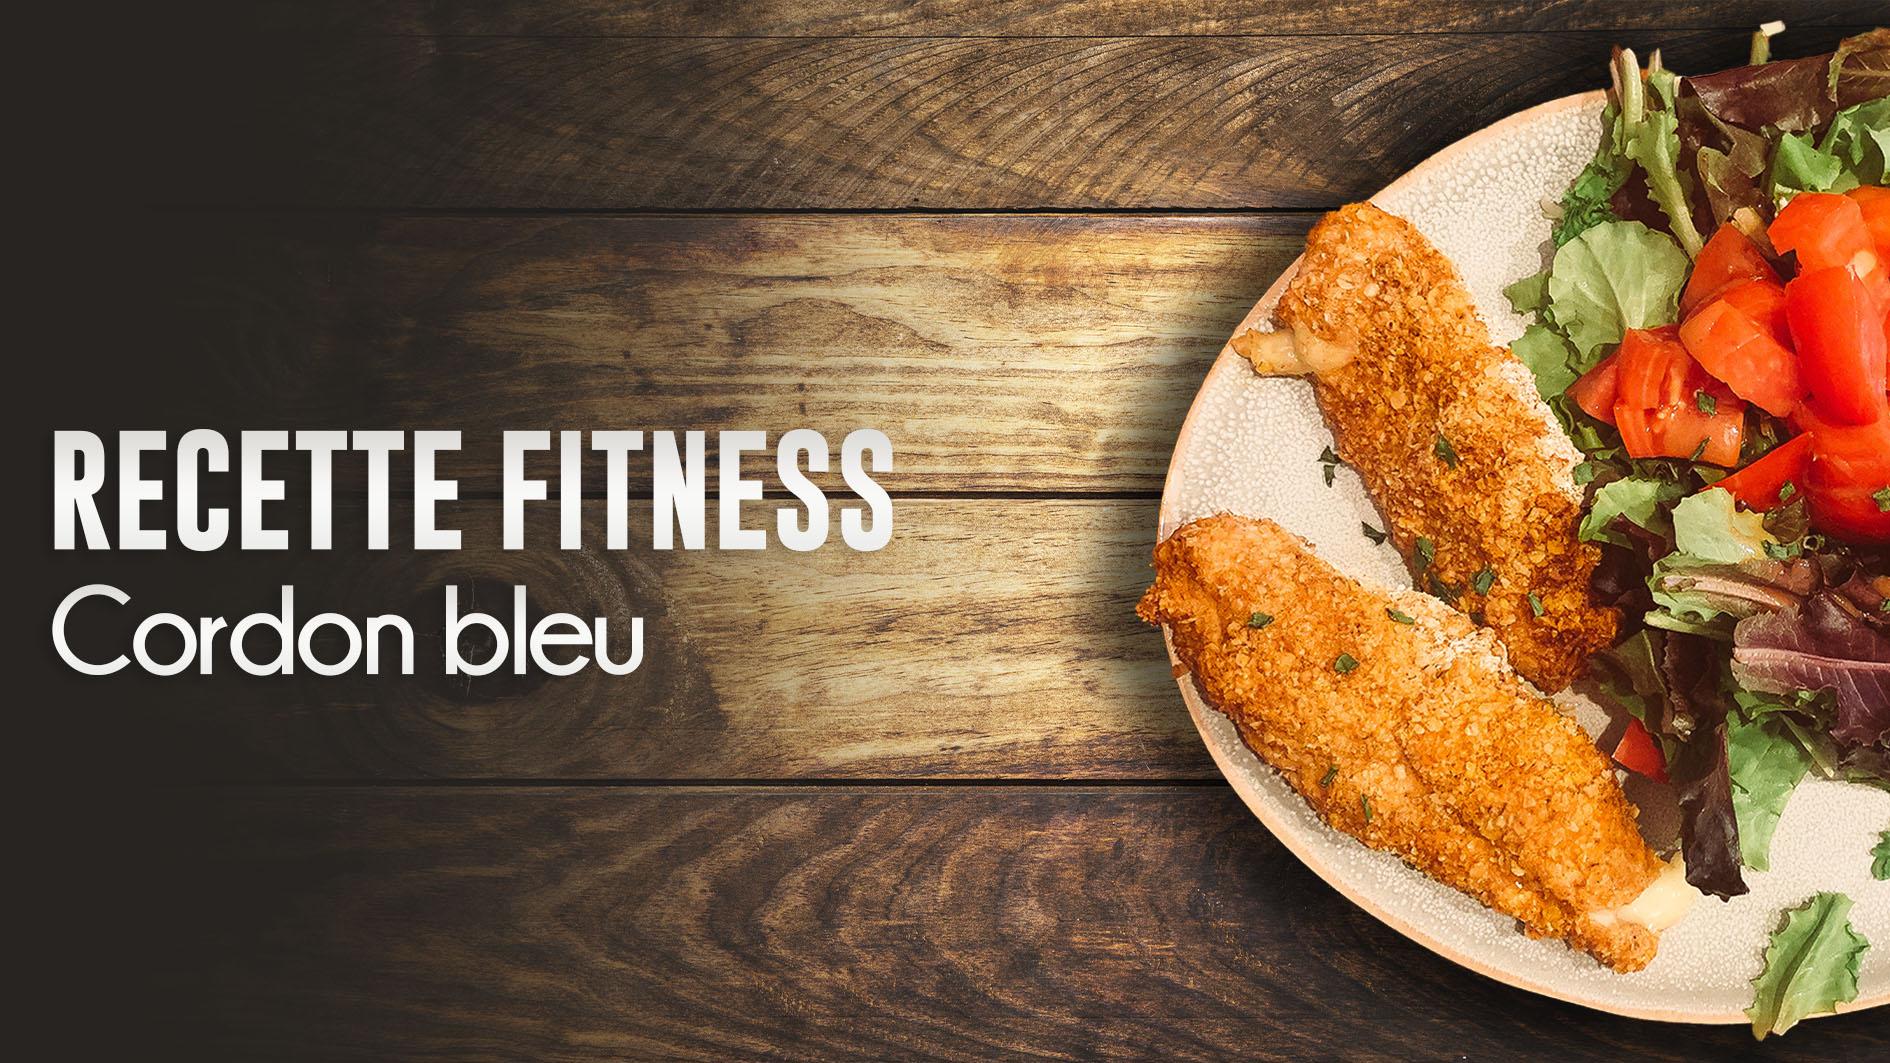 Recette fitness : le cordon bleu